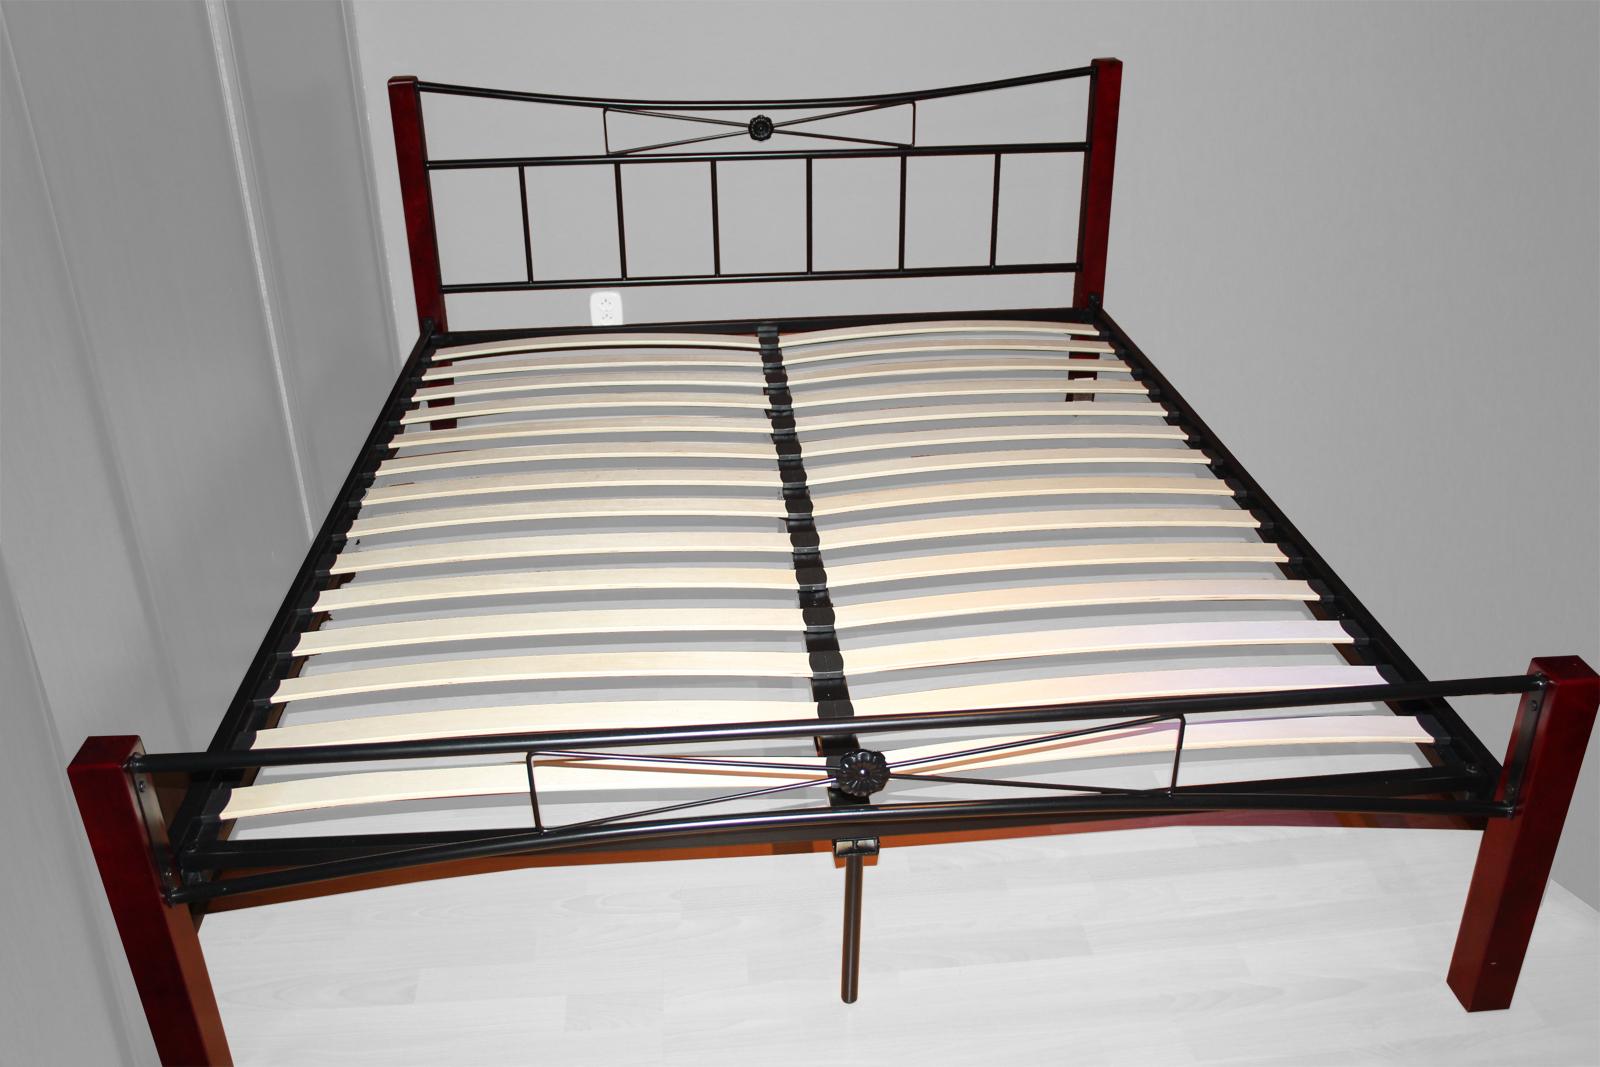 d9f7cf820fc6 Manželská postel 160 cm Paula (s roštem)